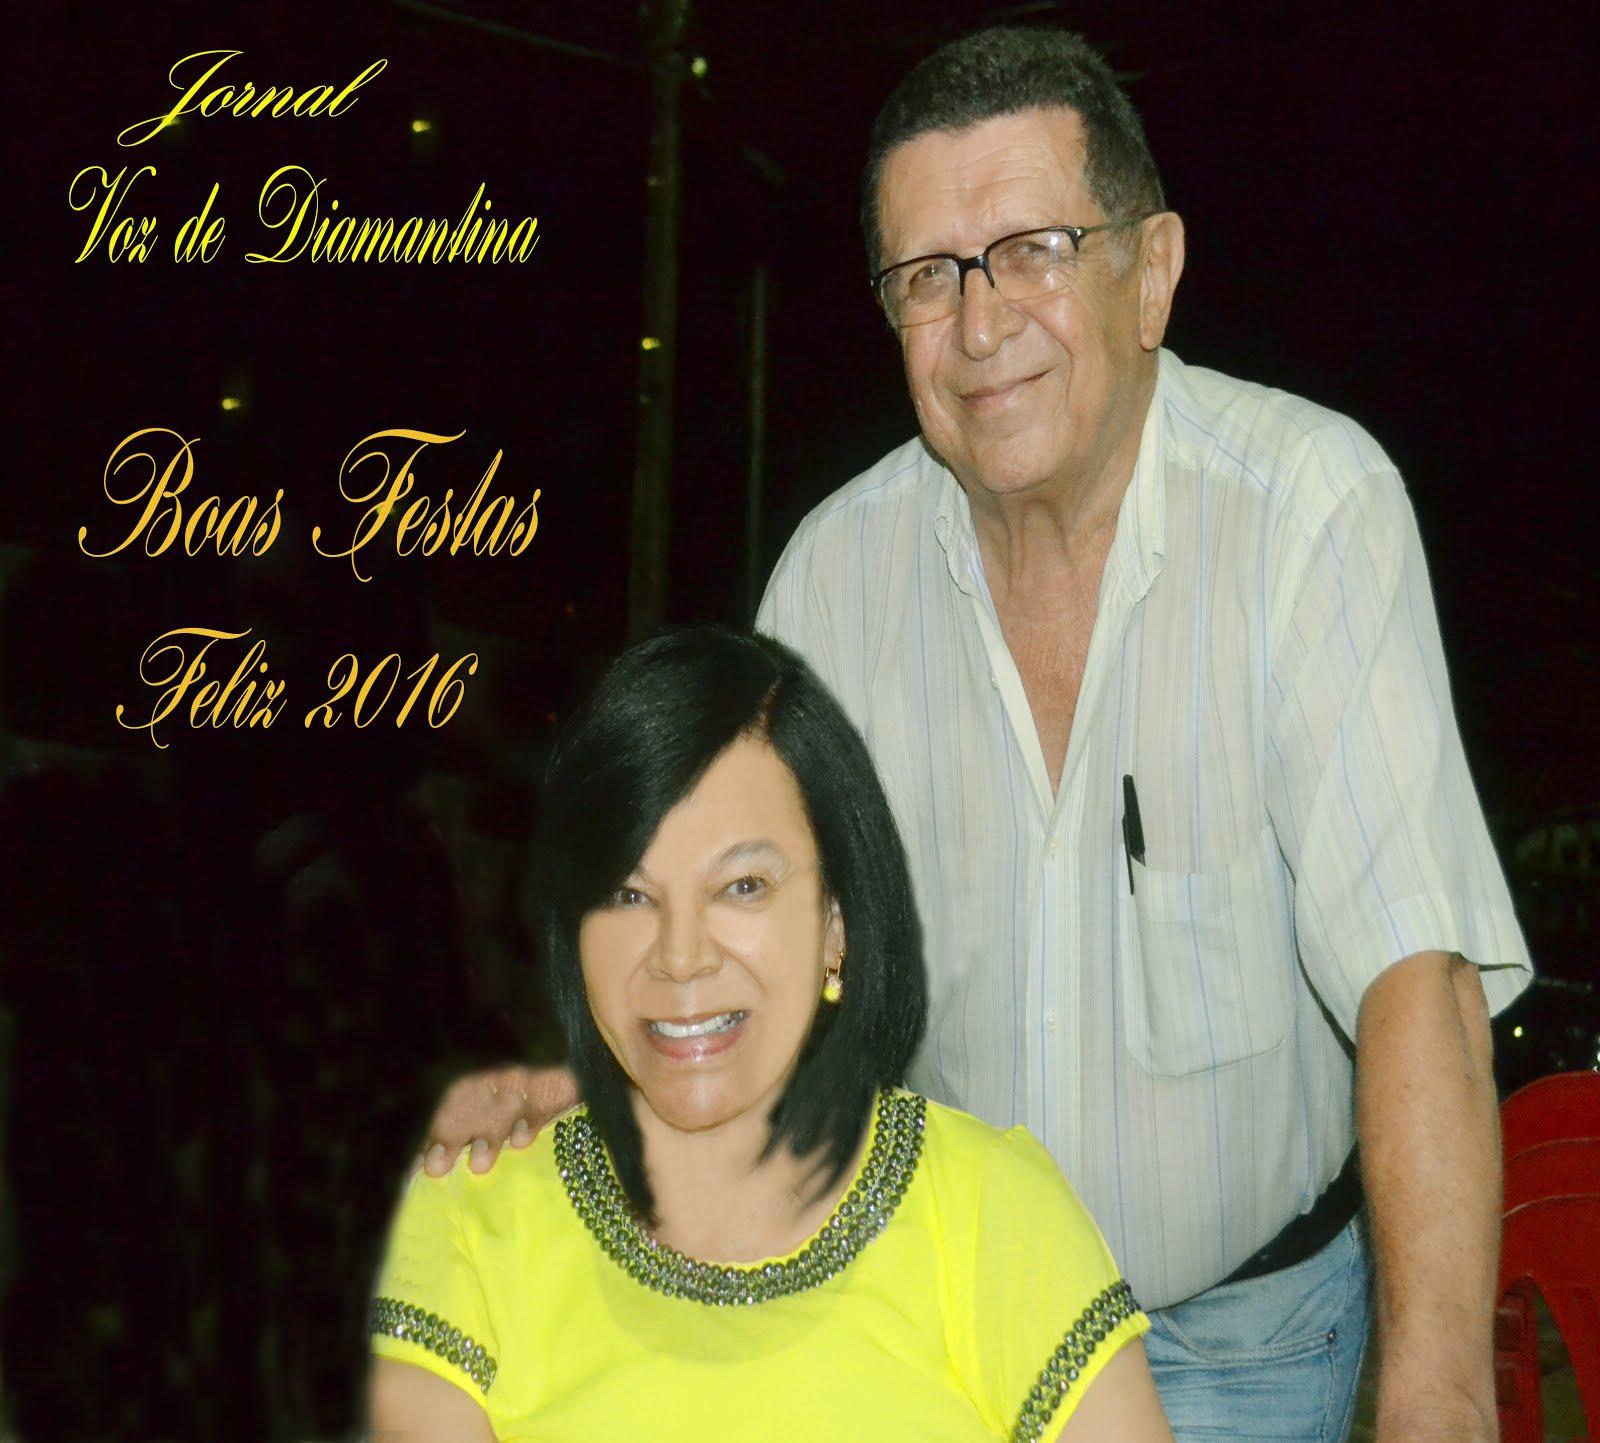 Parabéns do Jornal da Voz de Diamantina